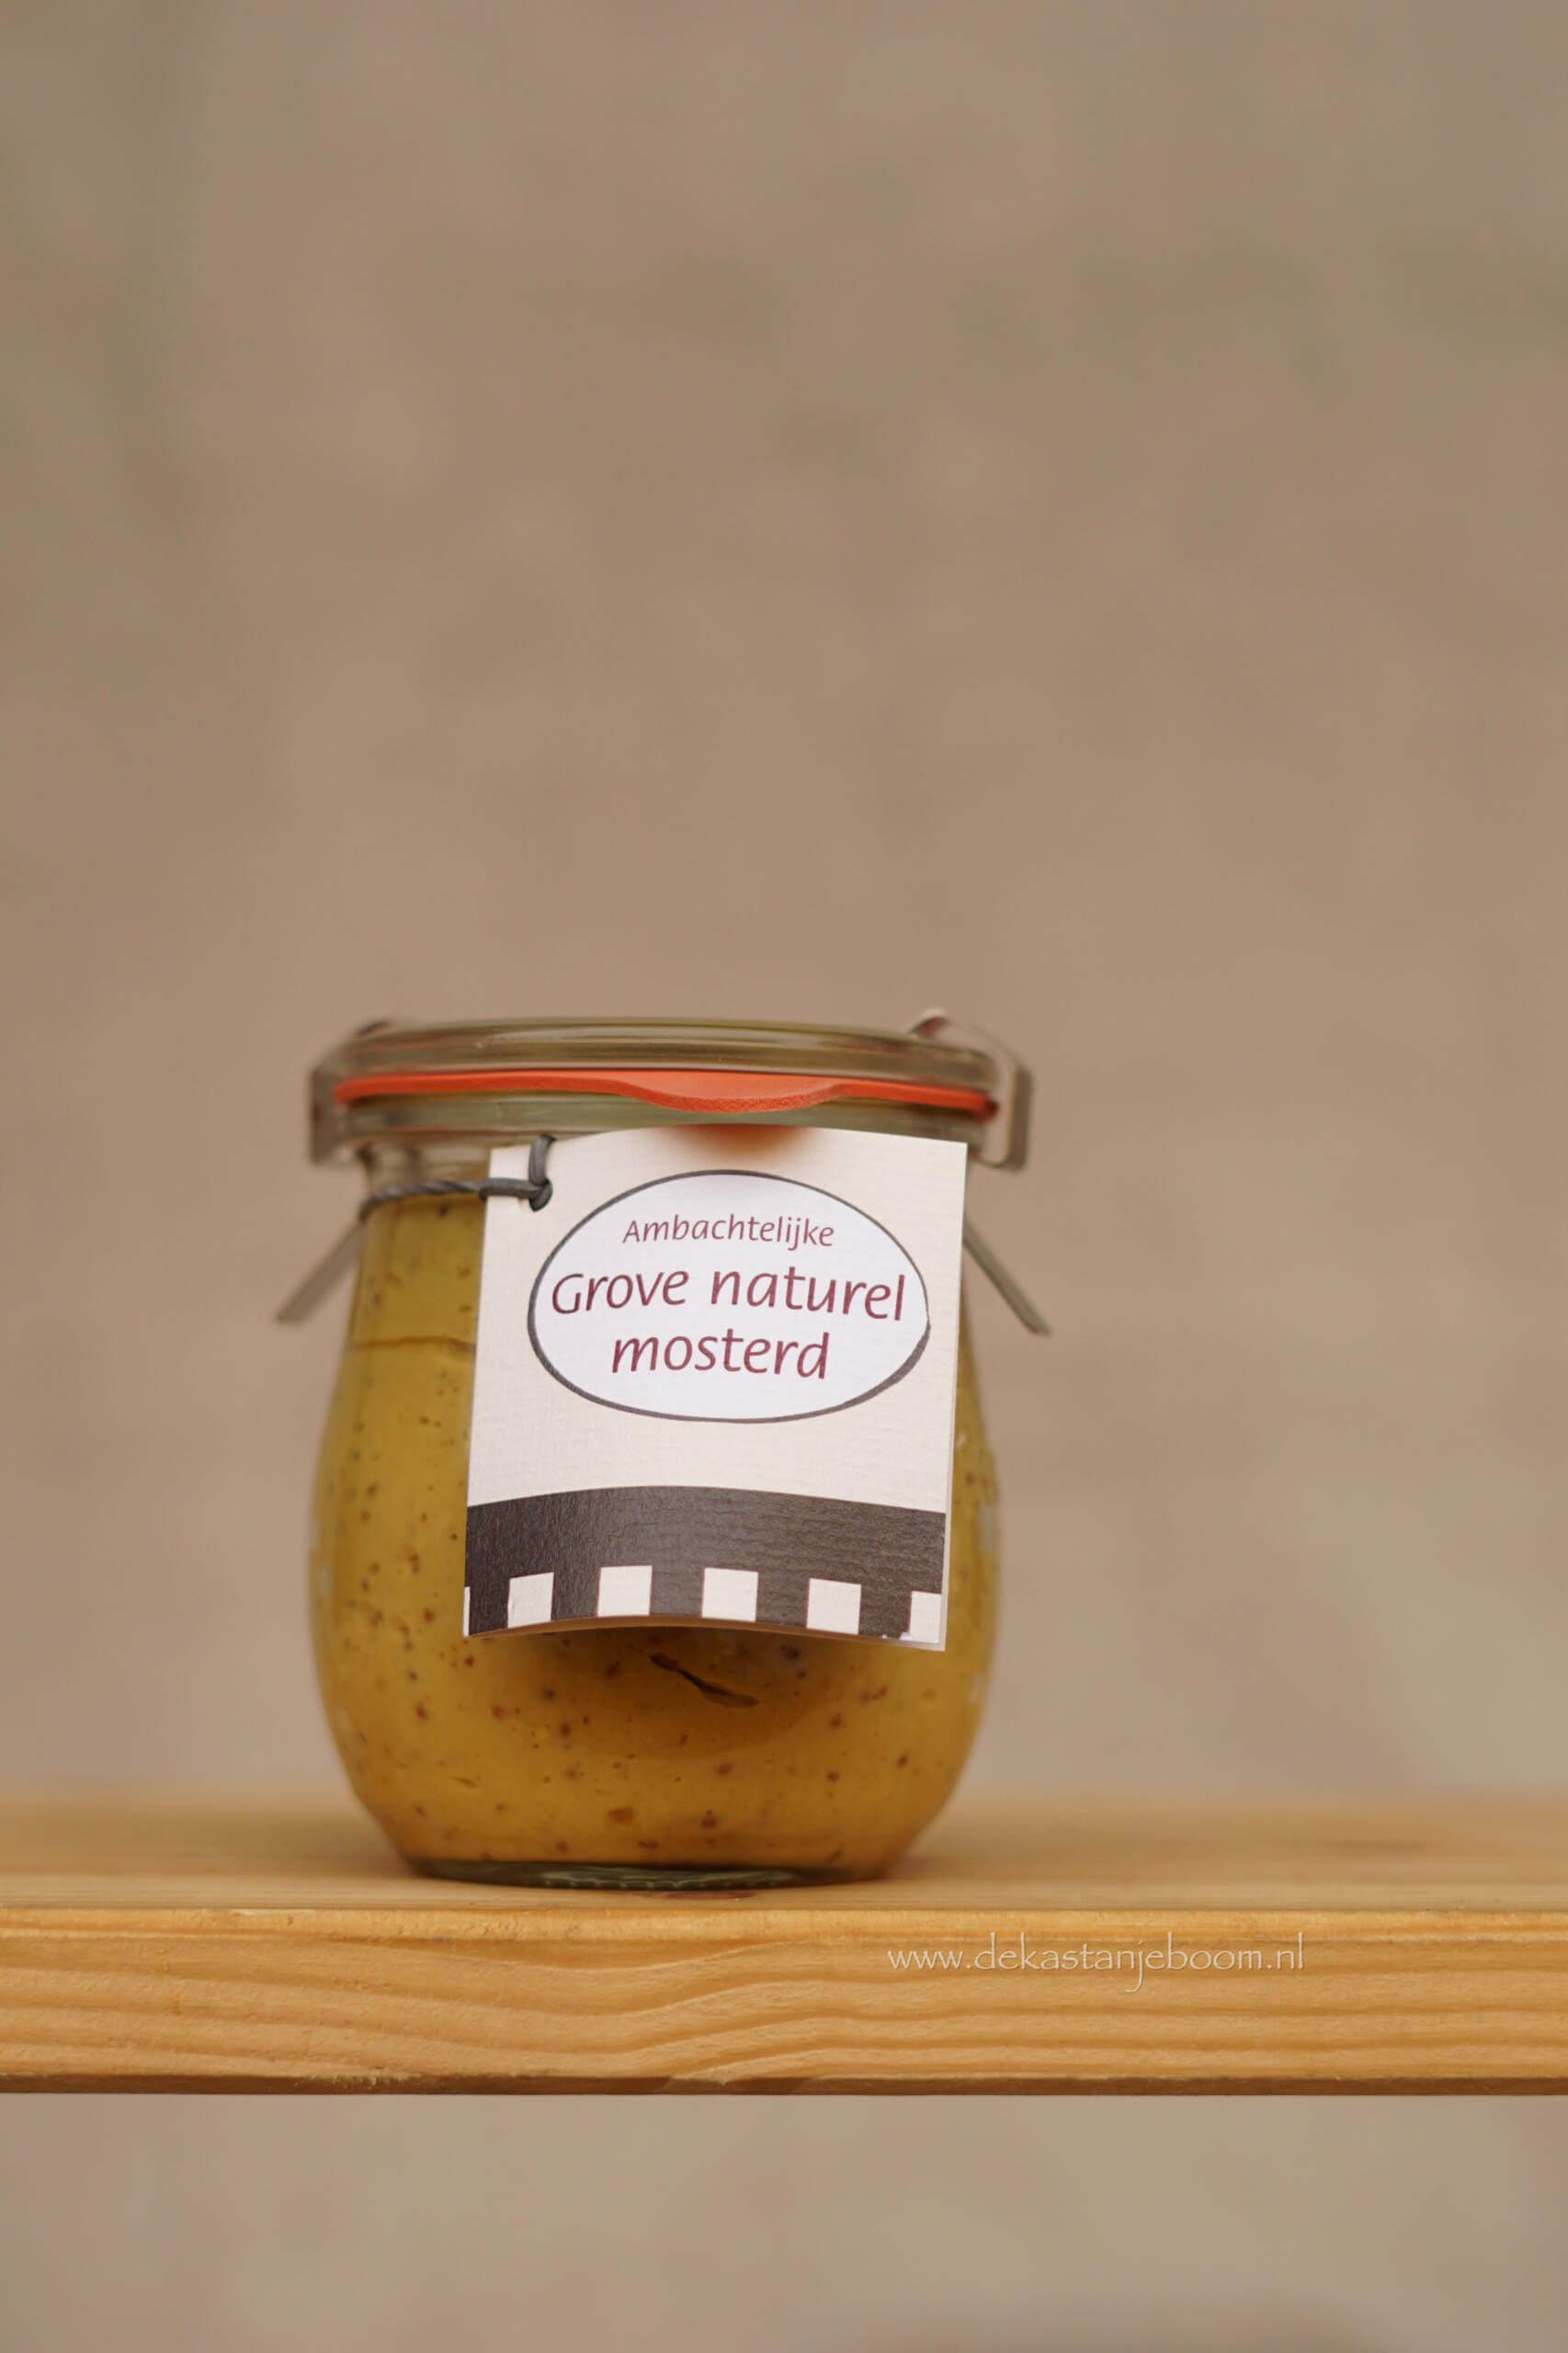 Ambachtelijke grove naturel mosterd